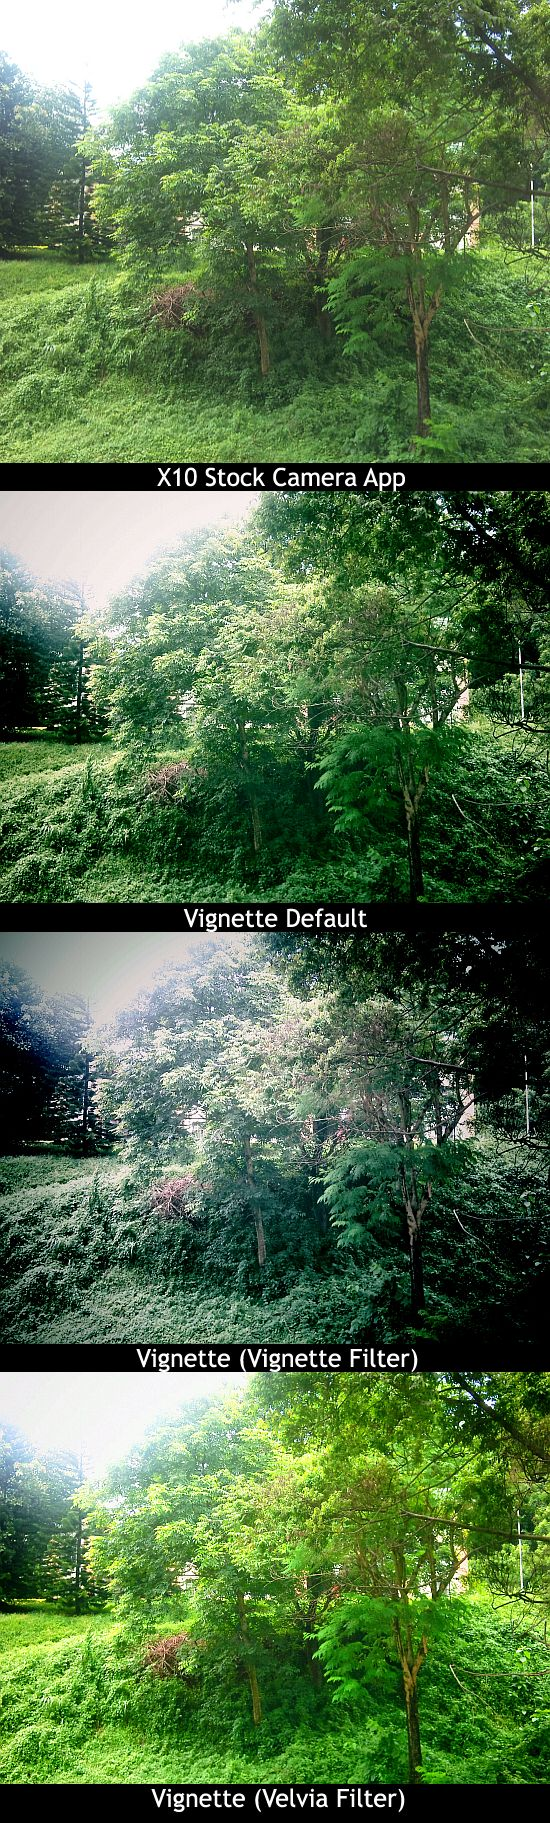 [SOFT] VIGNETTE : Appareil photo astucieux [Gratuit/Payant]  Vignette_comparison